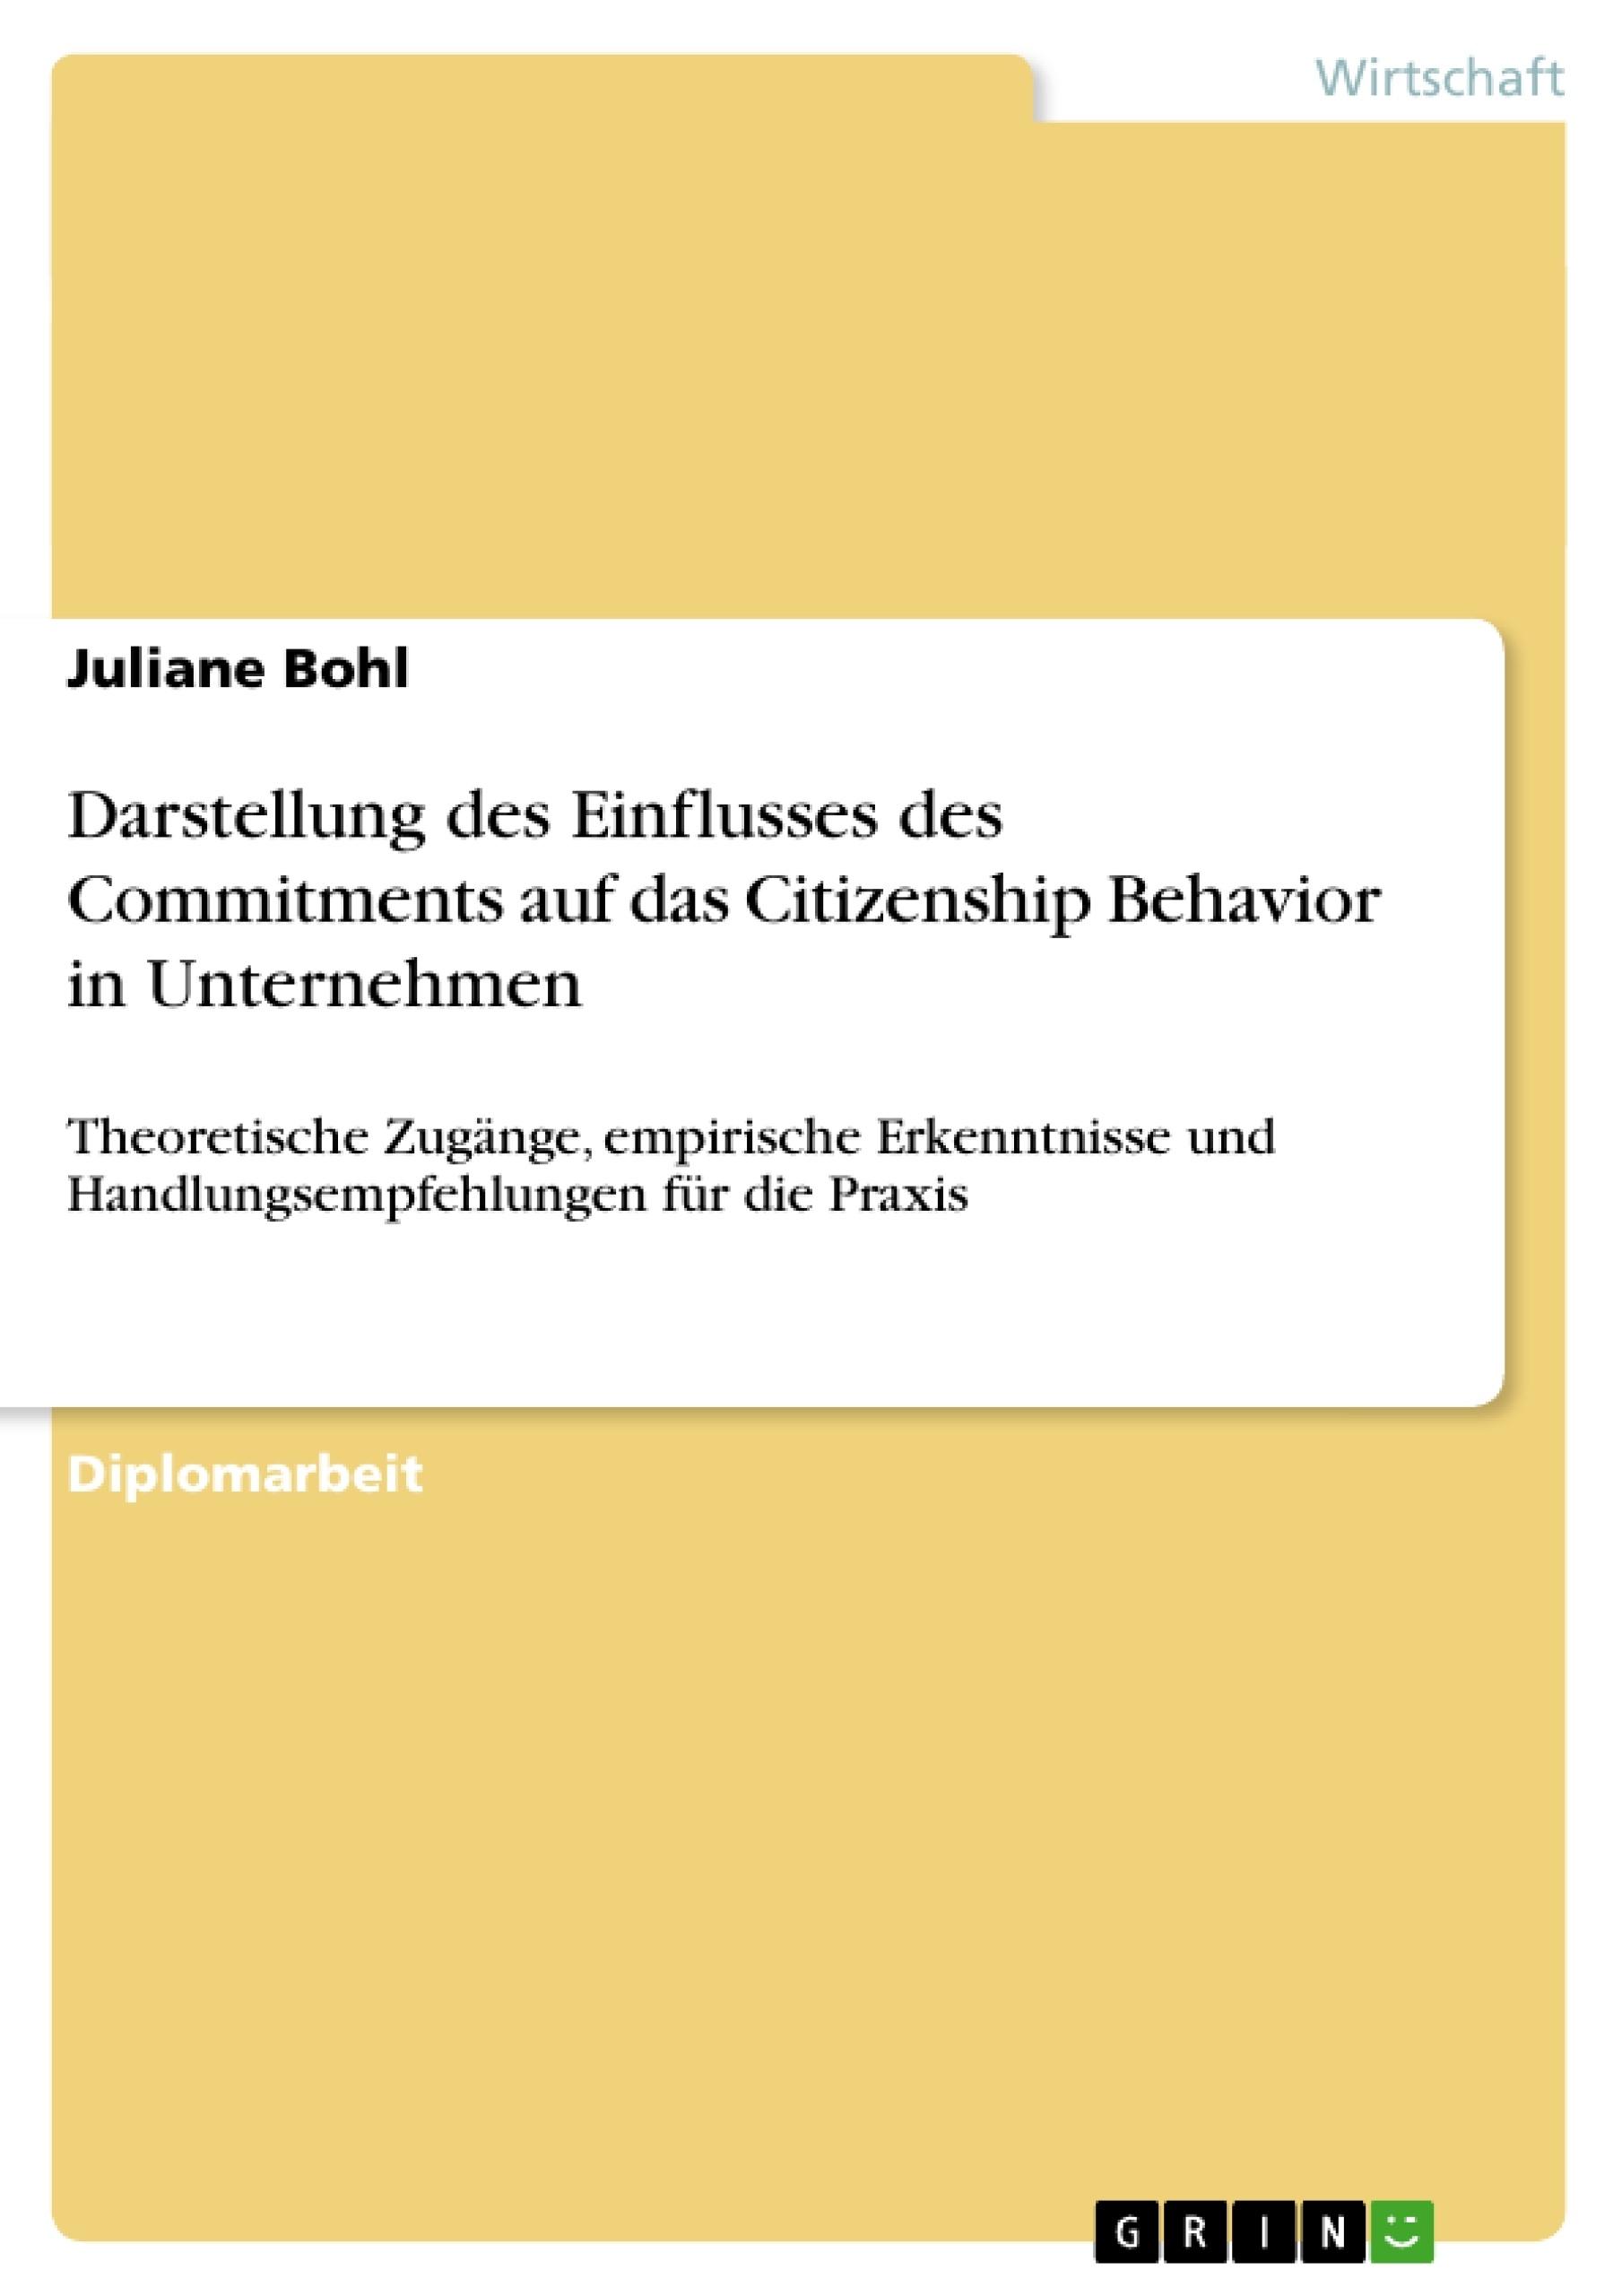 Titel: Darstellung des Einflusses des Commitments auf das Citizenship Behavior in Unternehmen